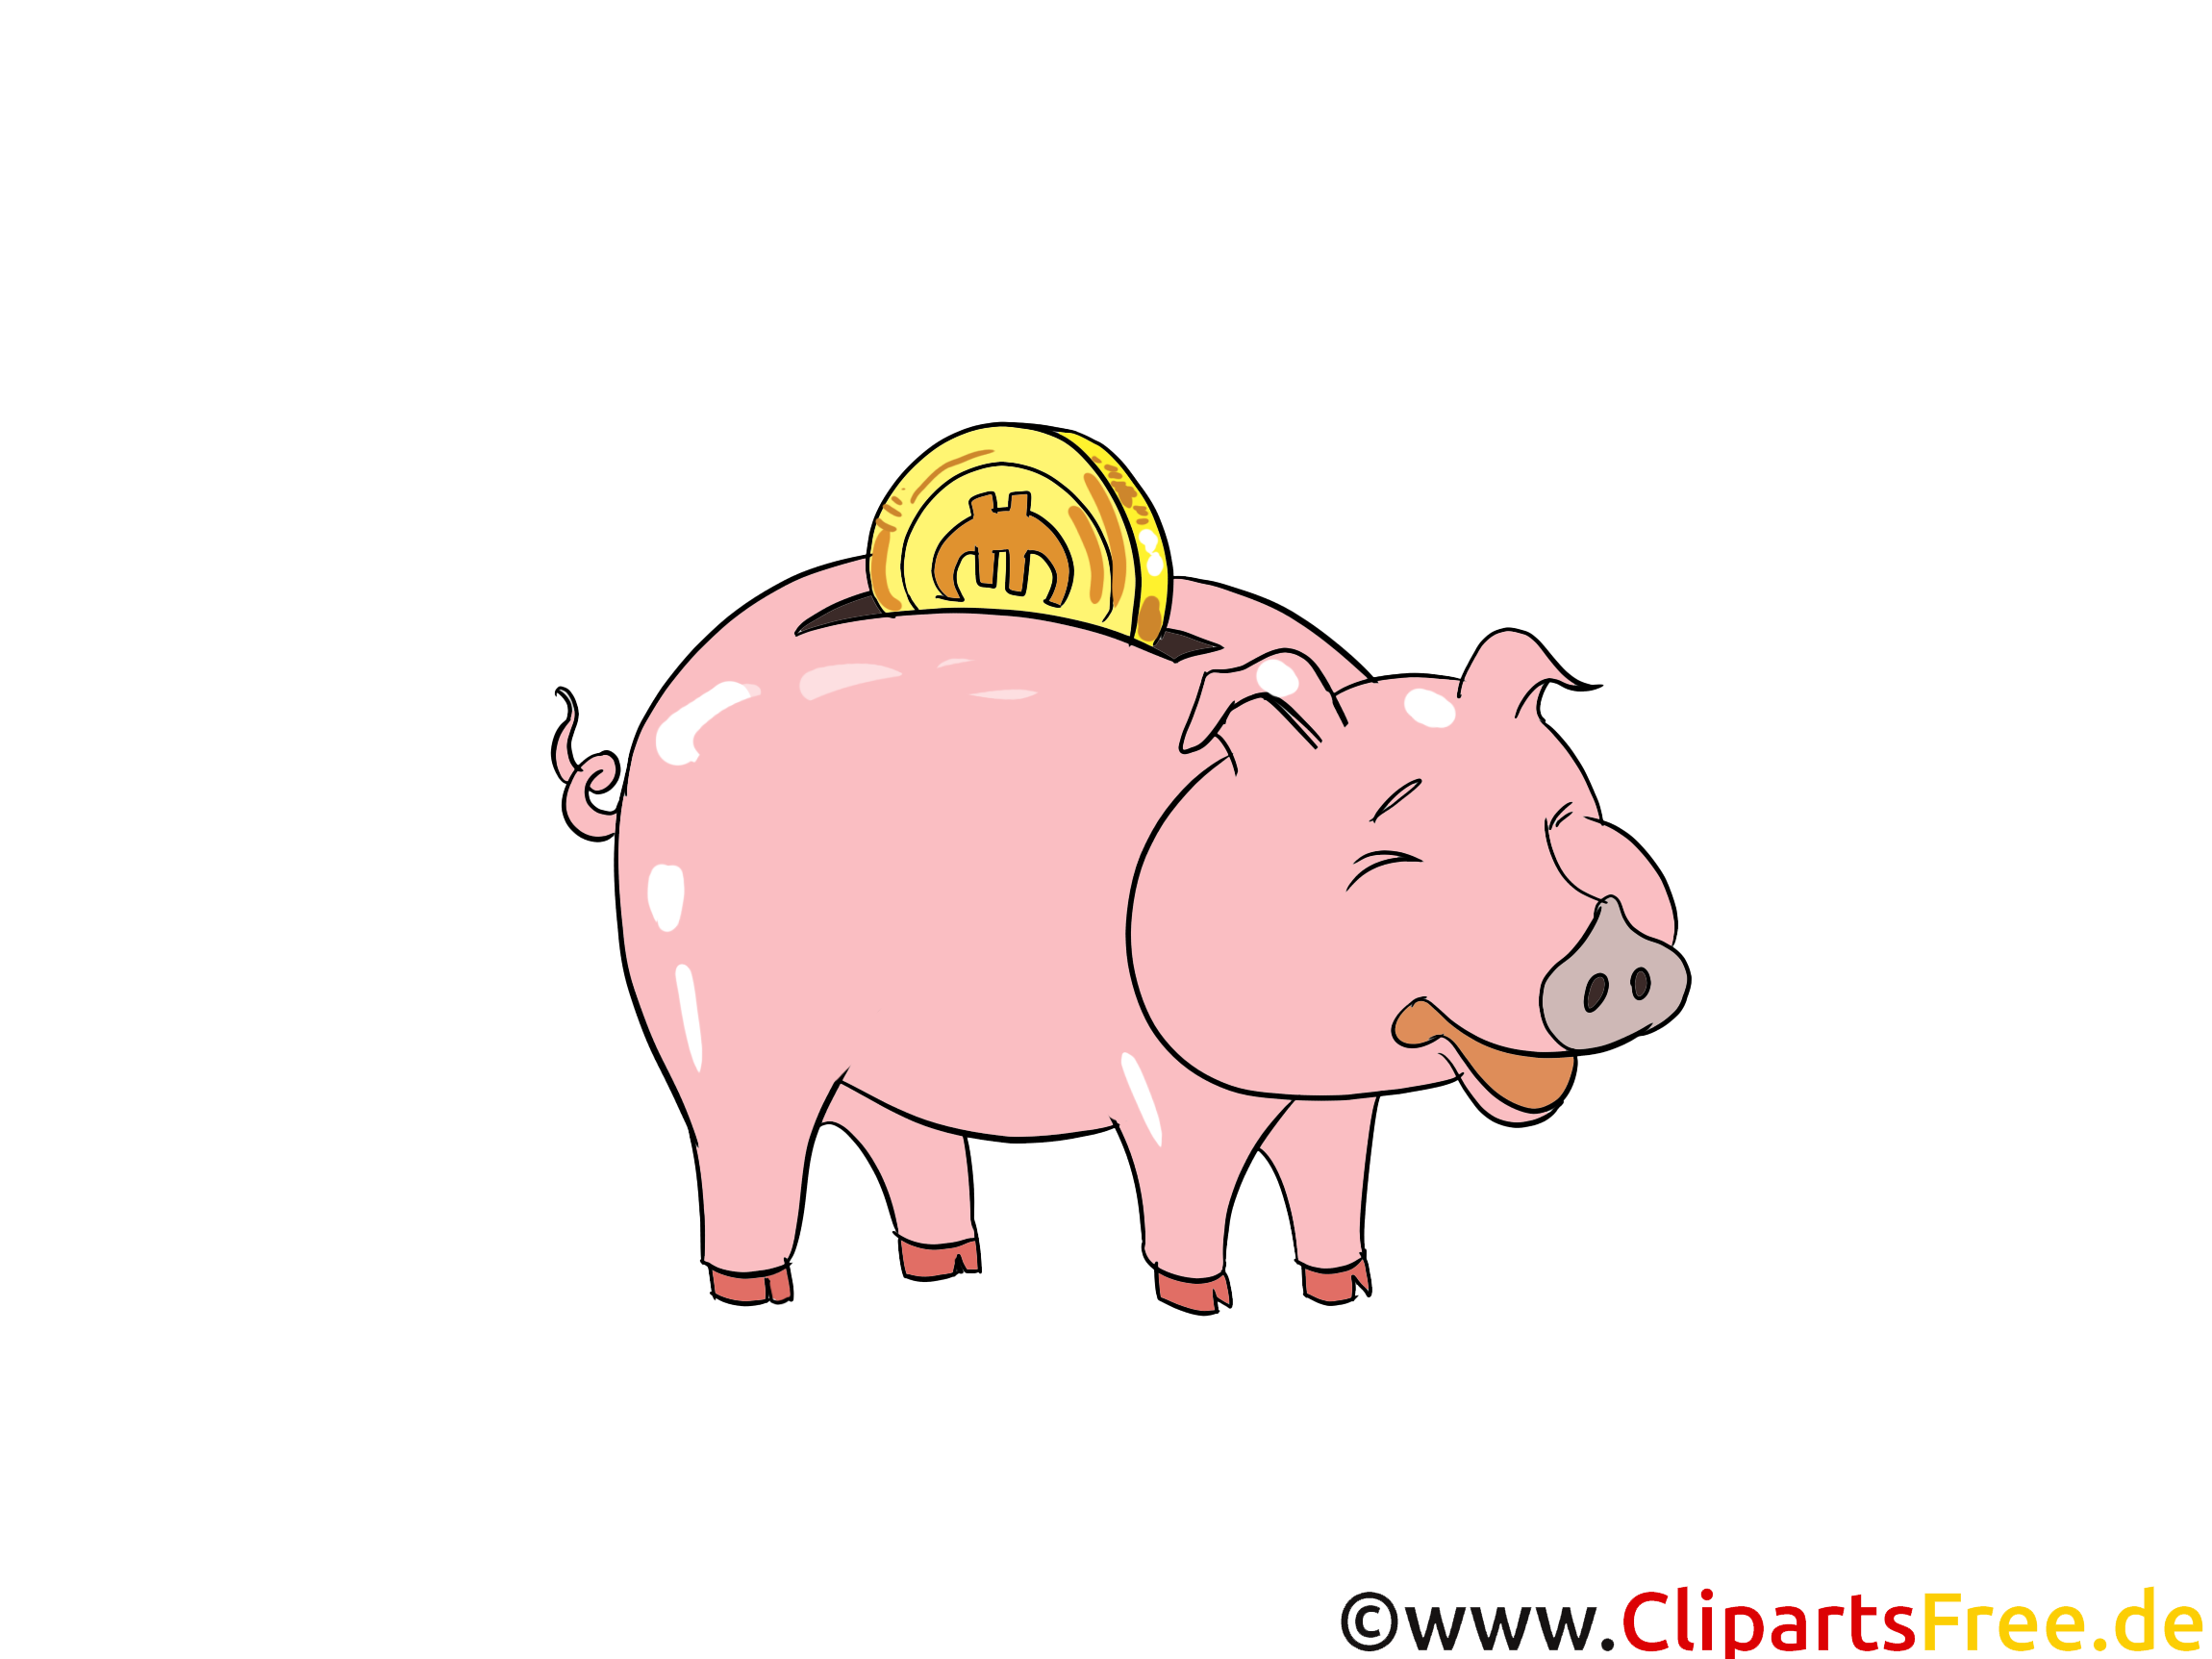 Tirelire dessin t l charger argent images argent - Tirelire dessin ...